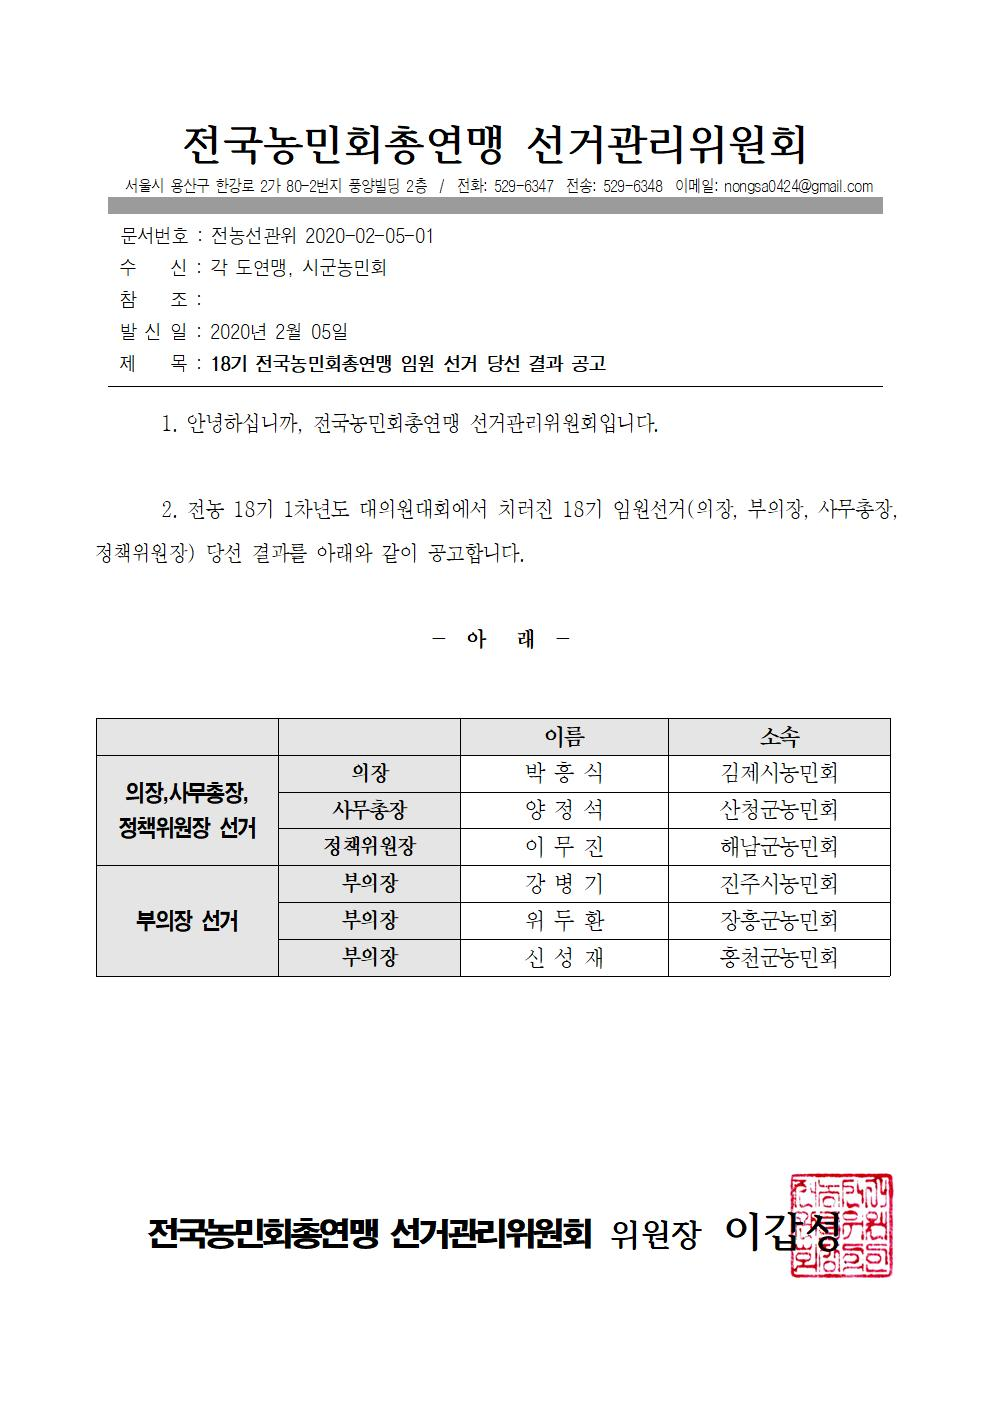 200205_전농_선관위_공문_18기_임원선거_결과001.jpg